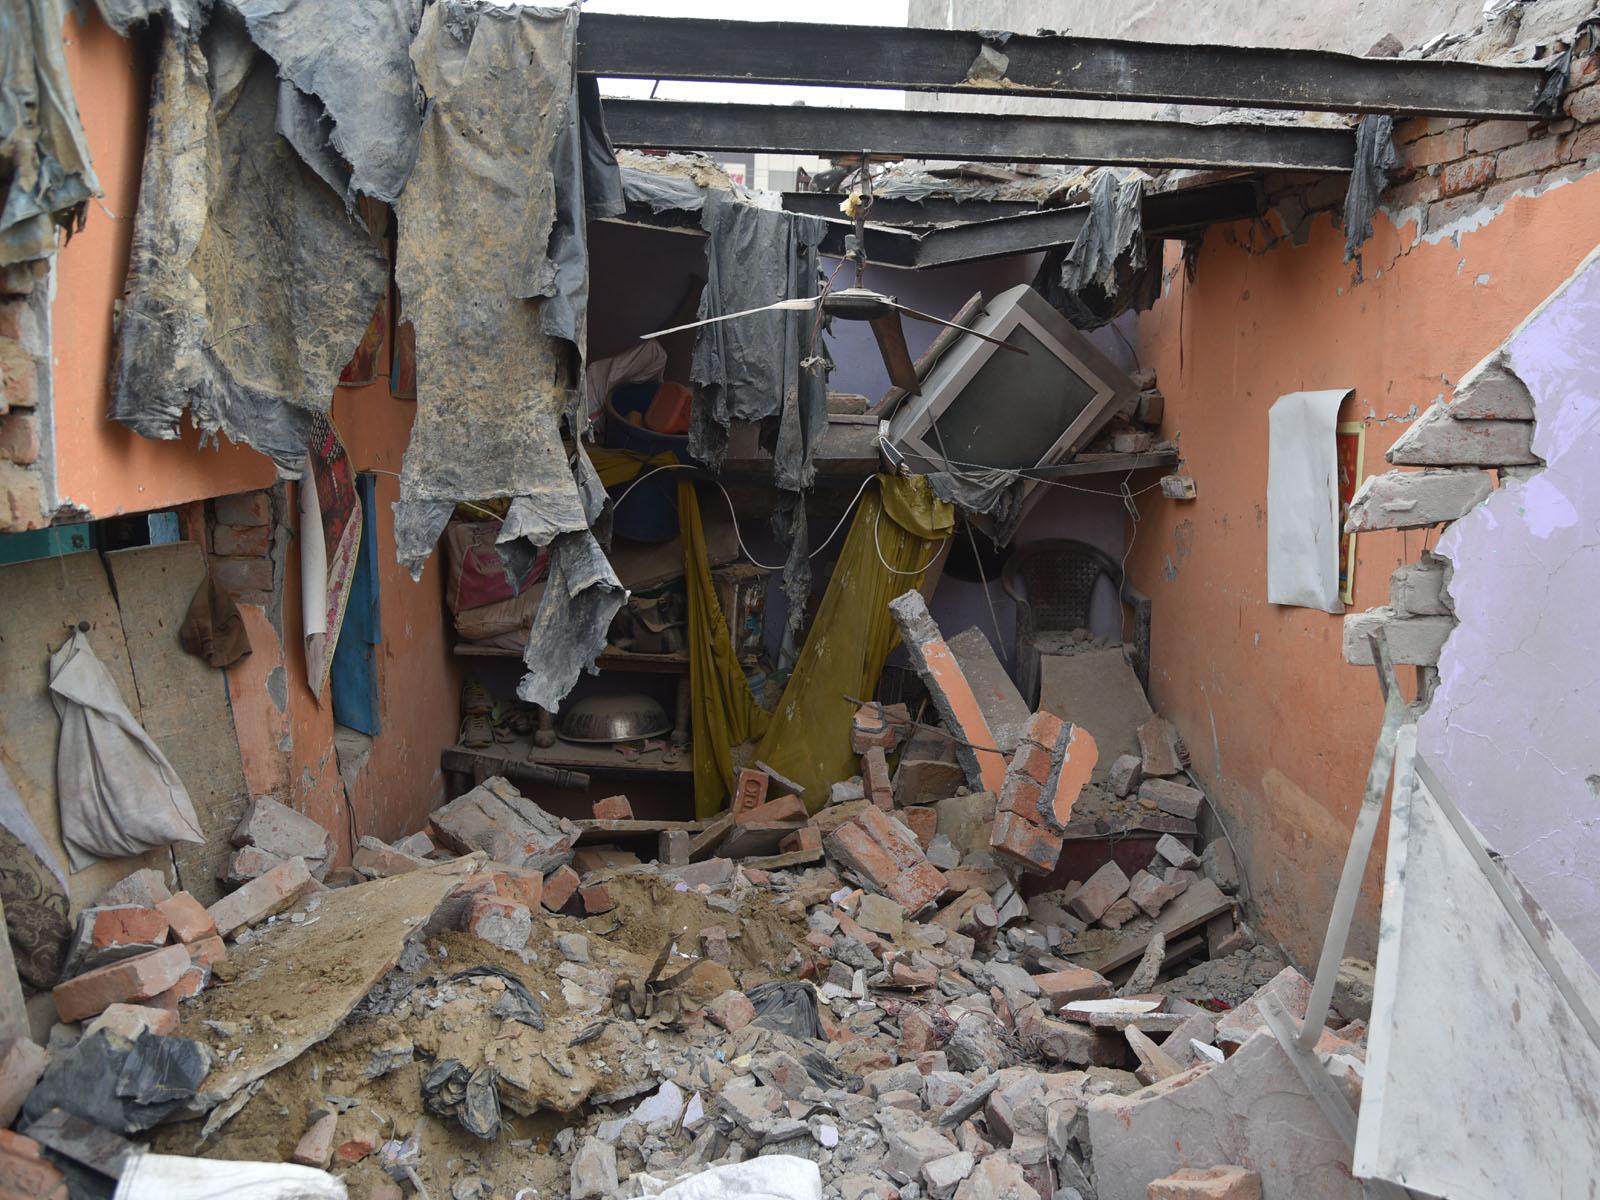 علی گڑھ میں دھماکہ:ماں،بیٹی کی موت،دو زخمی